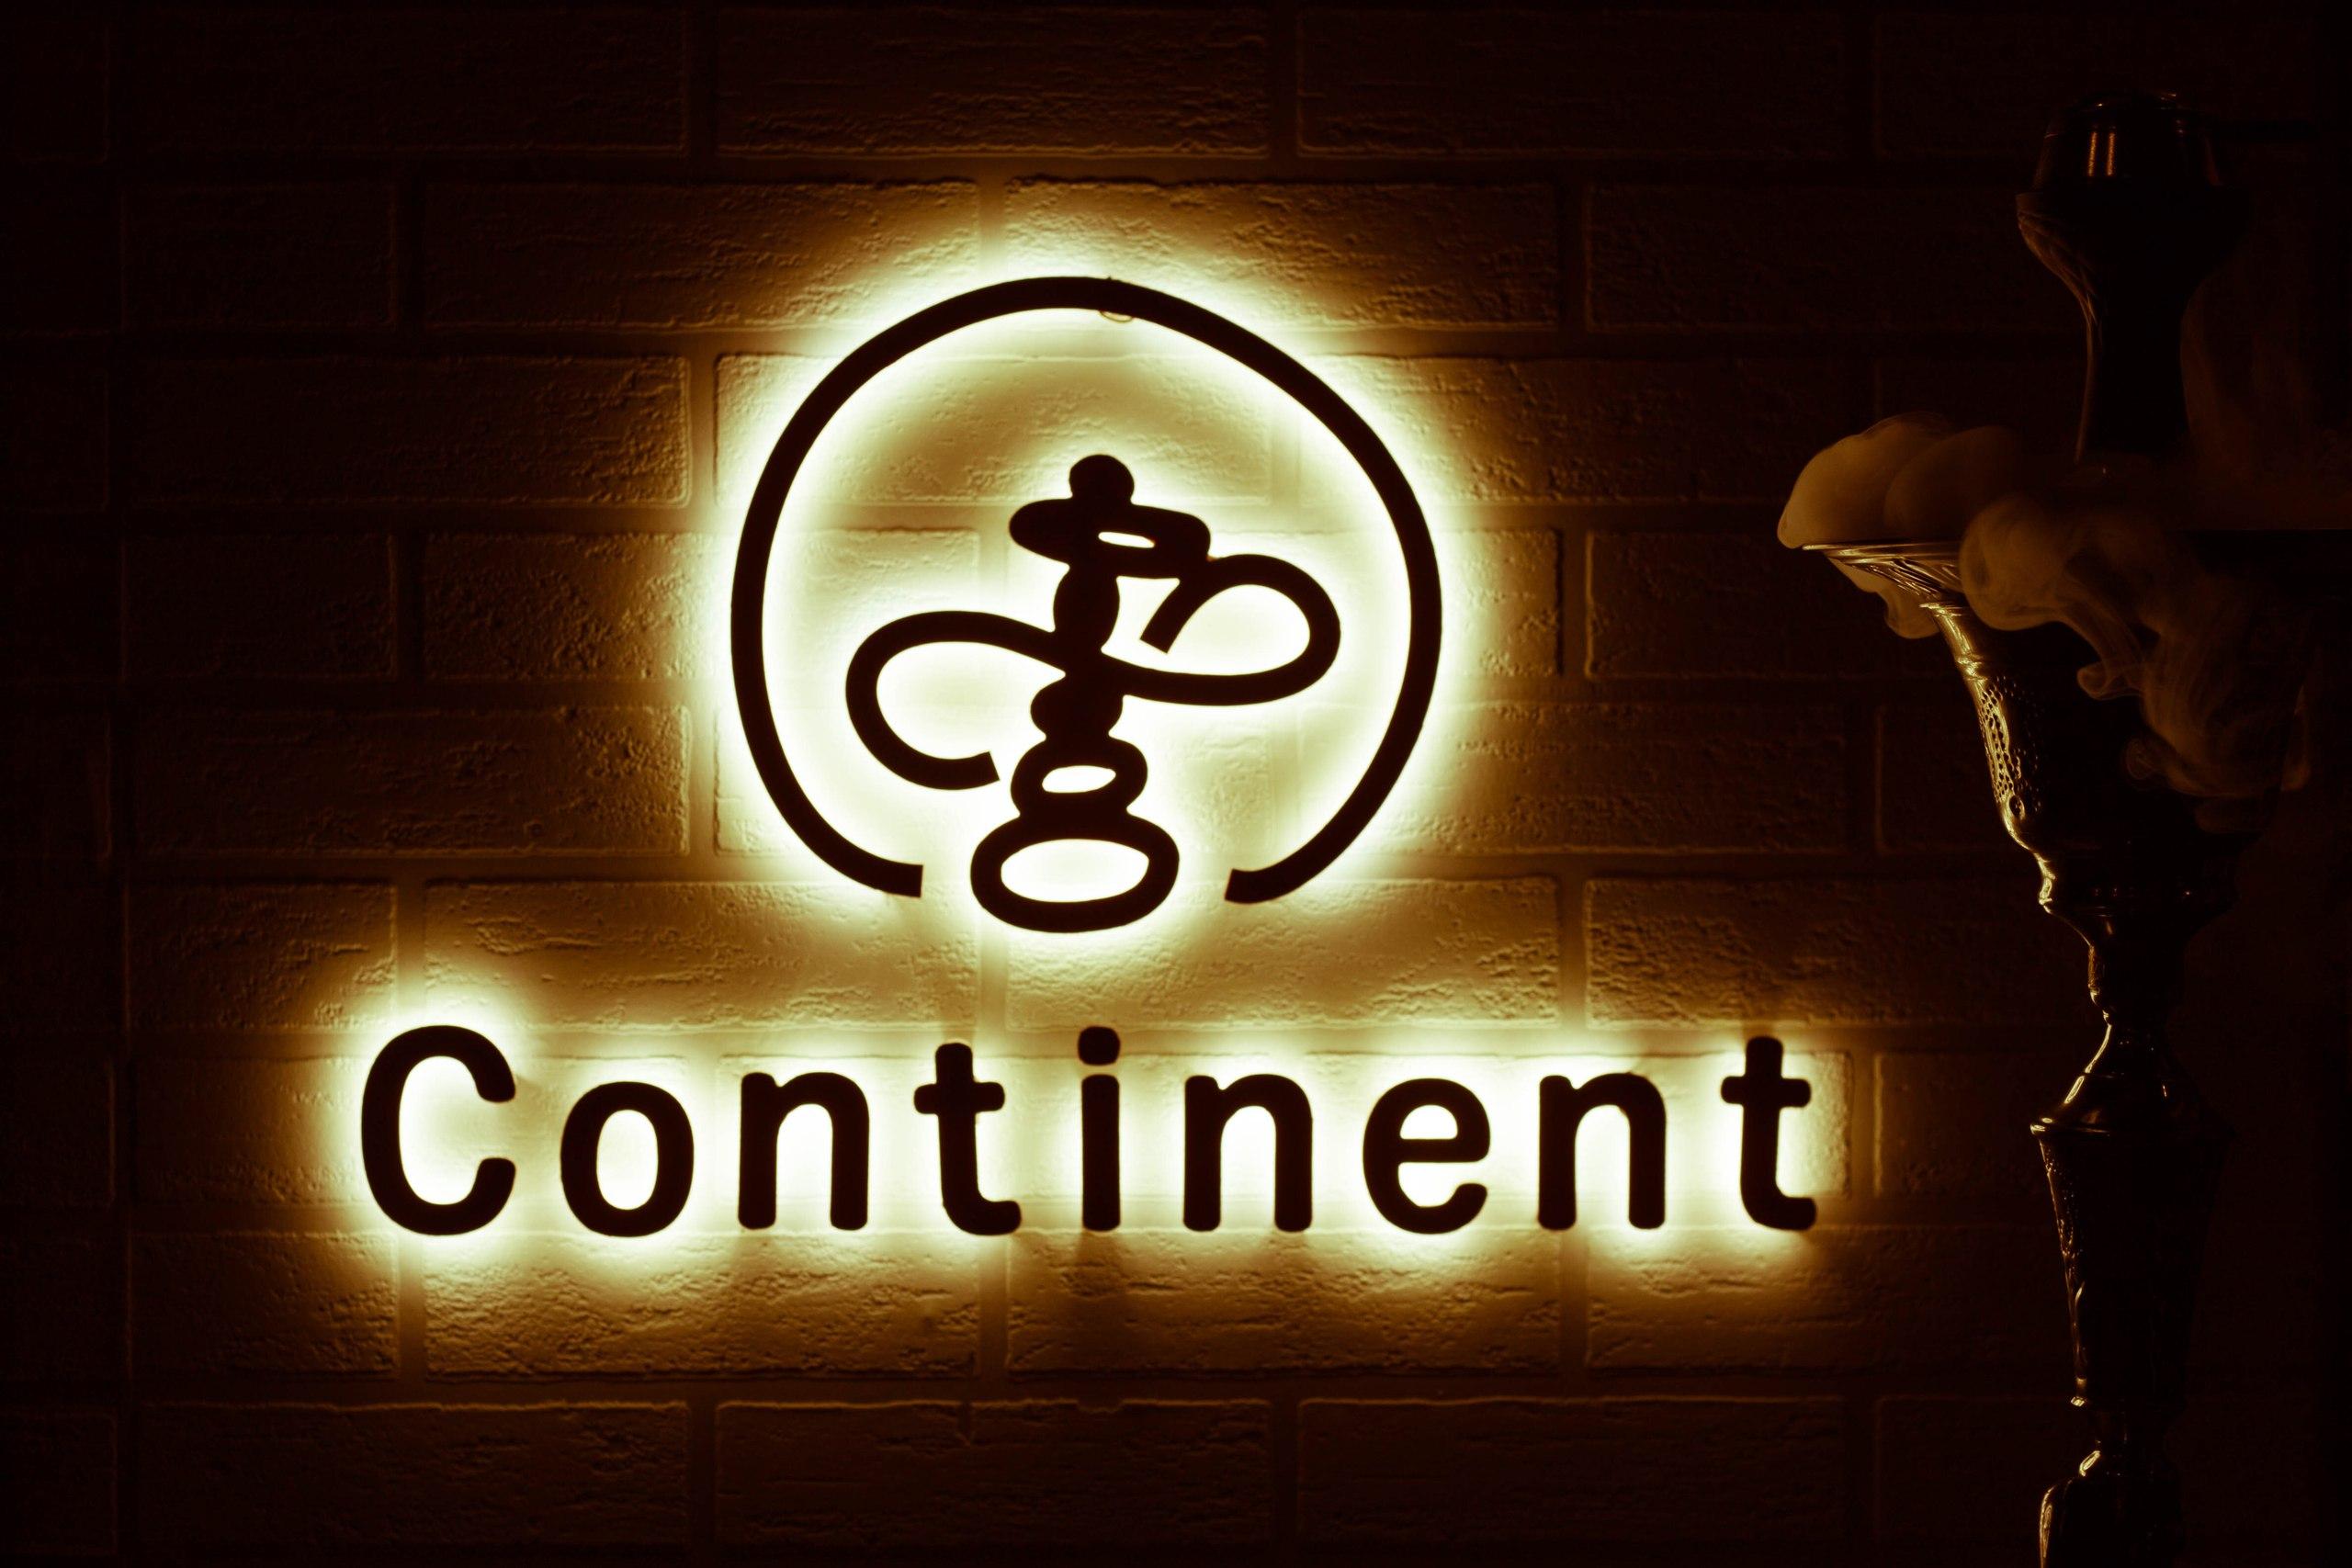 Кальянная, кафе, антикафе, арт-кафе «Continent» - Вконтакте